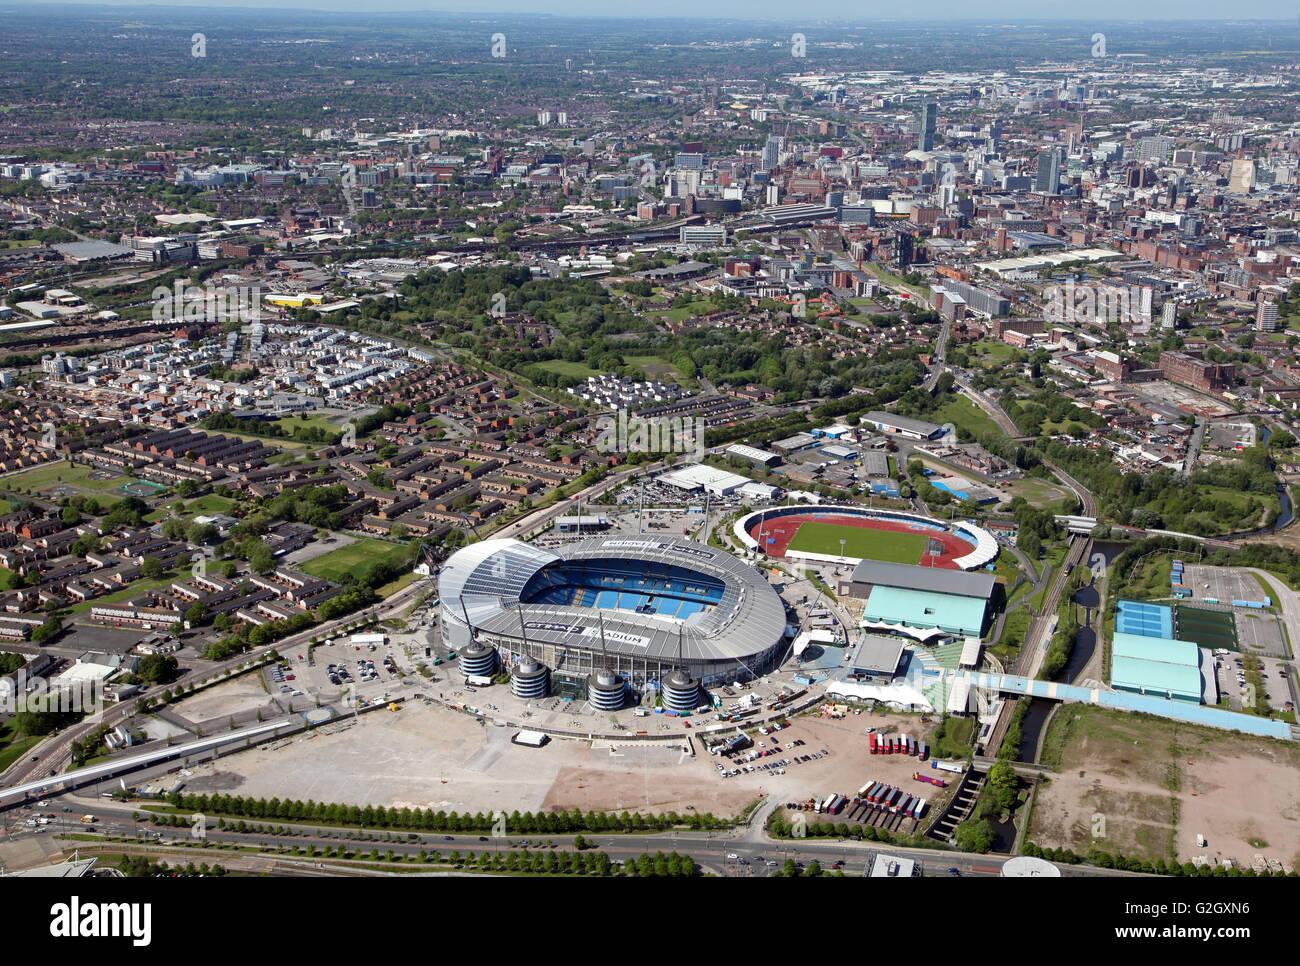 Vue aérienne de Manchester City Football Academy, Etihad Stadium et Centre régional de Manchester, Royaume Photo Stock